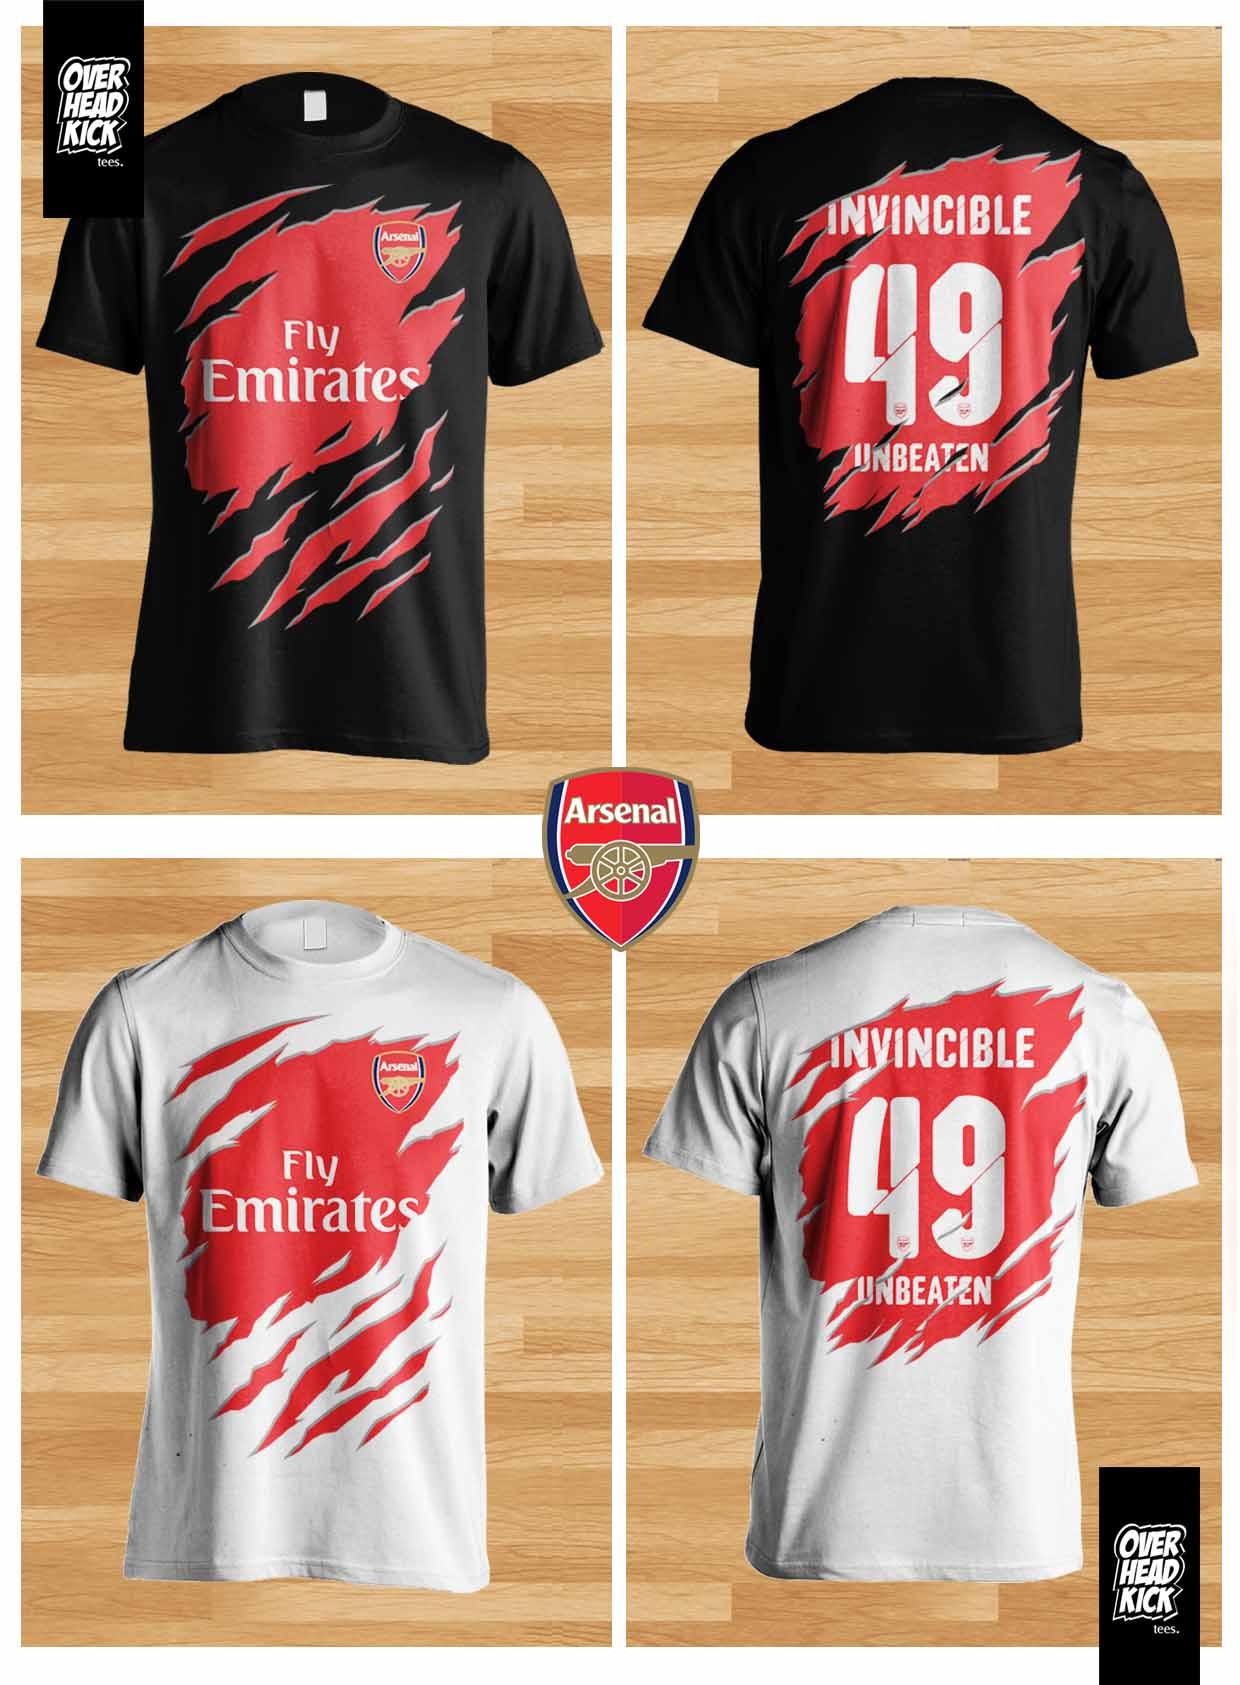 harga Kaos Bola Arsenal 3D T-shirt  The Gunners Distro Jersey Overheadkick Tokopedia.com